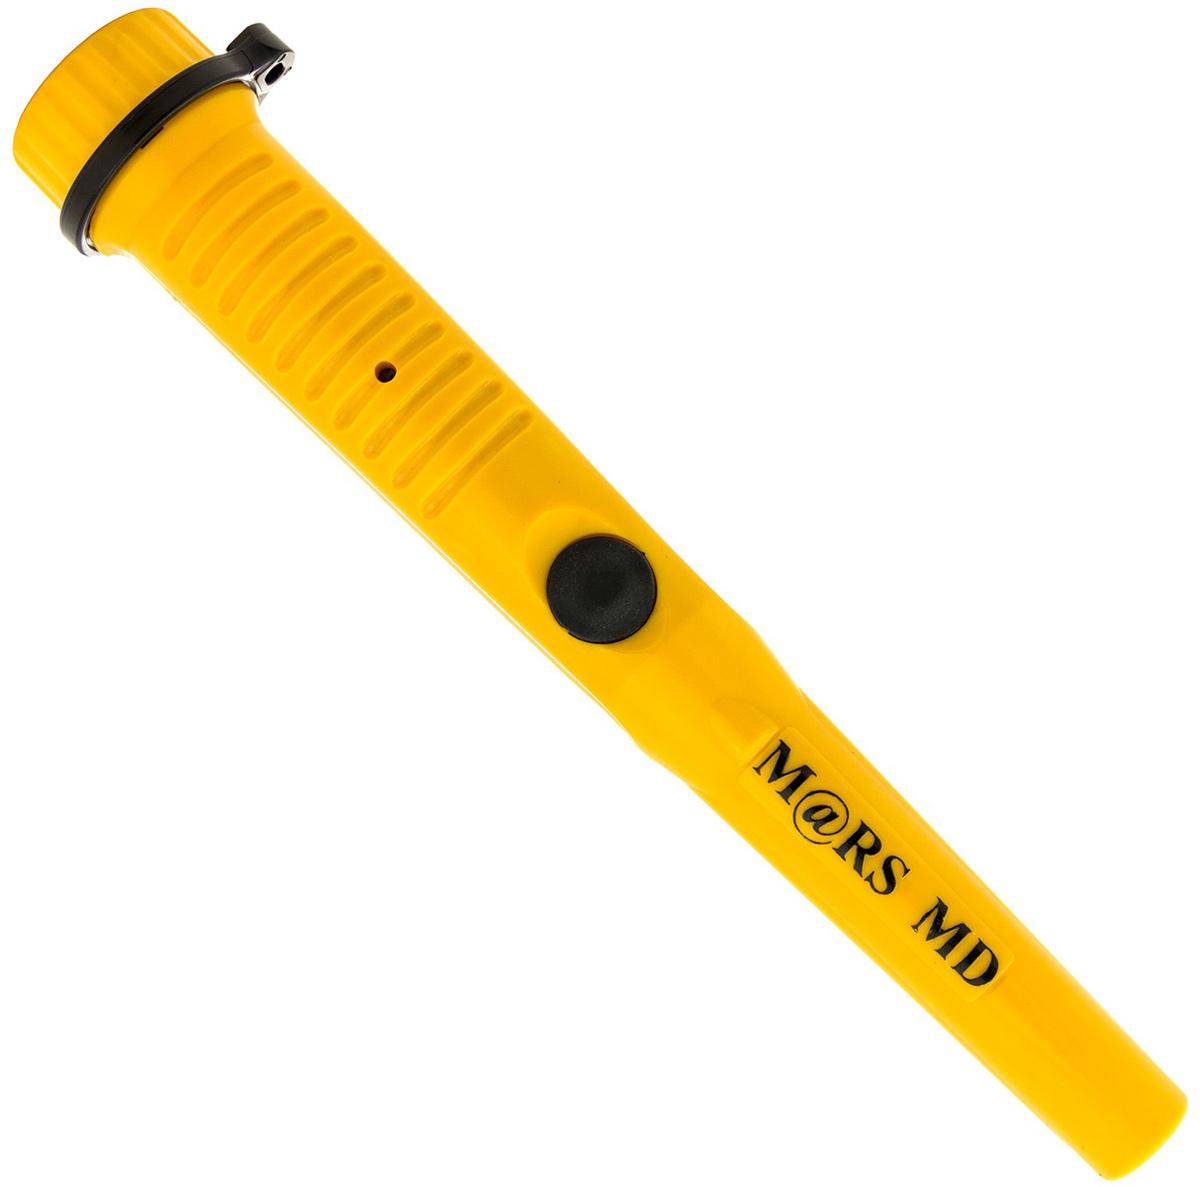 Металлоискатель Mars MD Pin Pointer Yellow, цвет: желтый, черный, длина 25,5 смM0173YМеталлоискатель Mars MD Pin Pointer Yellow предназначен для локализации мелких металлических объектов при поиске с грунтовым металлоискателем. Может пригодиться при проведении строительных работ и ремонта для обнаружения скрытой проводки, внутренних инженерных коммуникаций, тайников и так далее. Изделие имеет прочный пластиковый корпус, соответствующий классу защиты IP64. Mars MD Pin Pointer Yellow работает в двух режимах: статическом и динамическом, тогда, как большинство аналогов данной модели могут работать исключительно в условиях динамики. Достаточно поднести изделие к предполагаемой цели и вы услышите сигнал, это значительно экономит время поиска. Сигнал может быть вибро или звуковой, громкость звука будет нарастать по мере приближения девайса к цели. Металлоискатель Mars MD Pin Pointer Yellow очень чувствительный при работе с землей, потому как активна вся поверхность прибора. Расстояние до поискового объекта равна 3-3,5 см. В комплекте витой провод для крепления к поясу и чехол.Технические характеристики: Рабочая частота: 12 кГц. Диапазон рабочих температур: от -15°С до +50°С. Степень защиты корпуса: IP64. Питание: батарея V9 (в комплект не входит). Время работы: 16 часов. Вес: 187 г (с батареей).Как выбрать металлоискатель и зачем он нужен. Статья OZON Гид